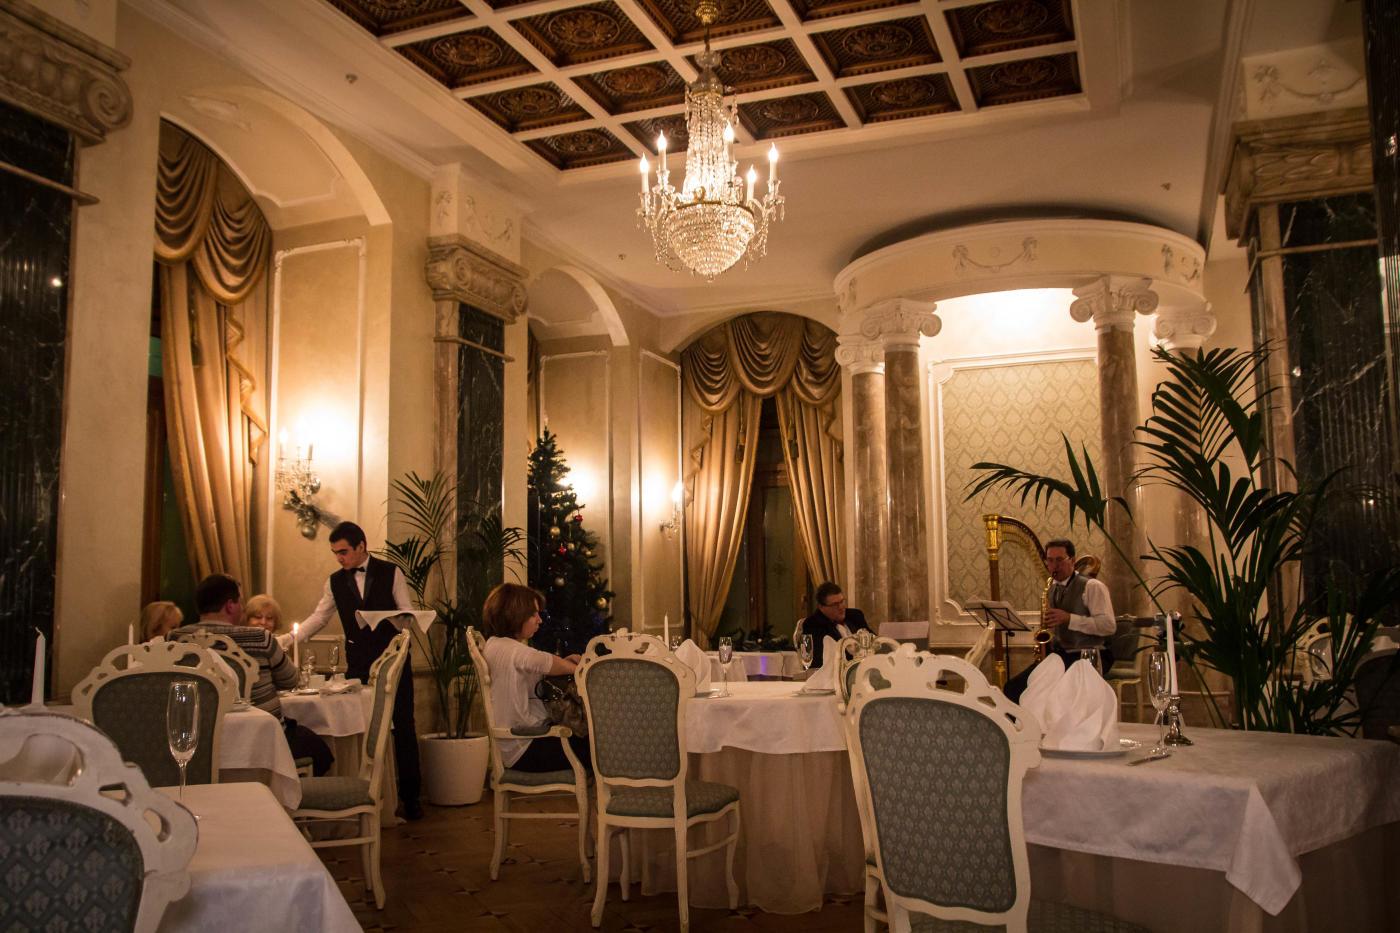 Ресторан Ривьера (Riviere) фото 45